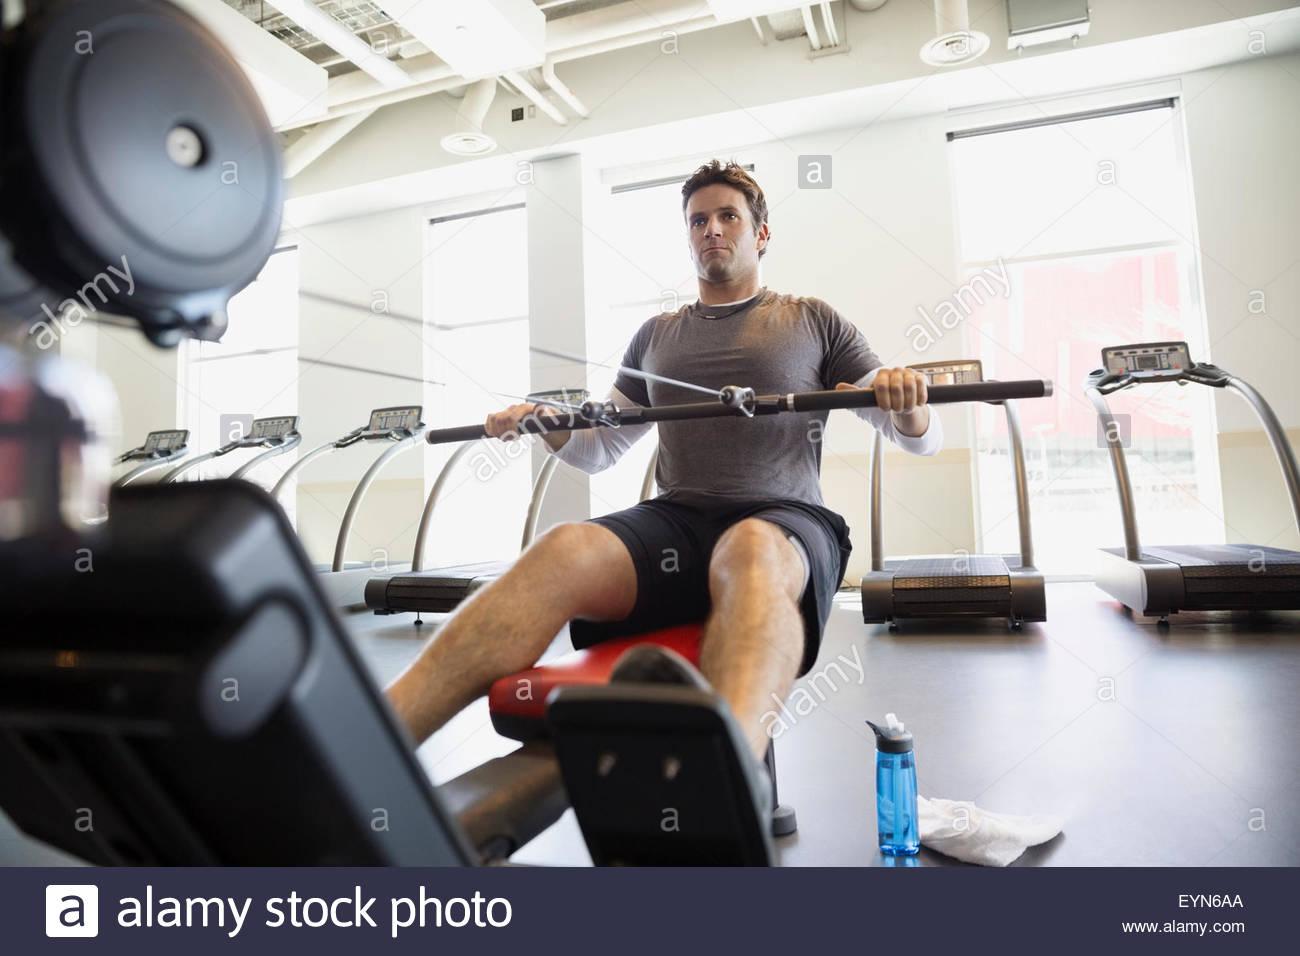 Man using rowing machine at gym - Stock Image